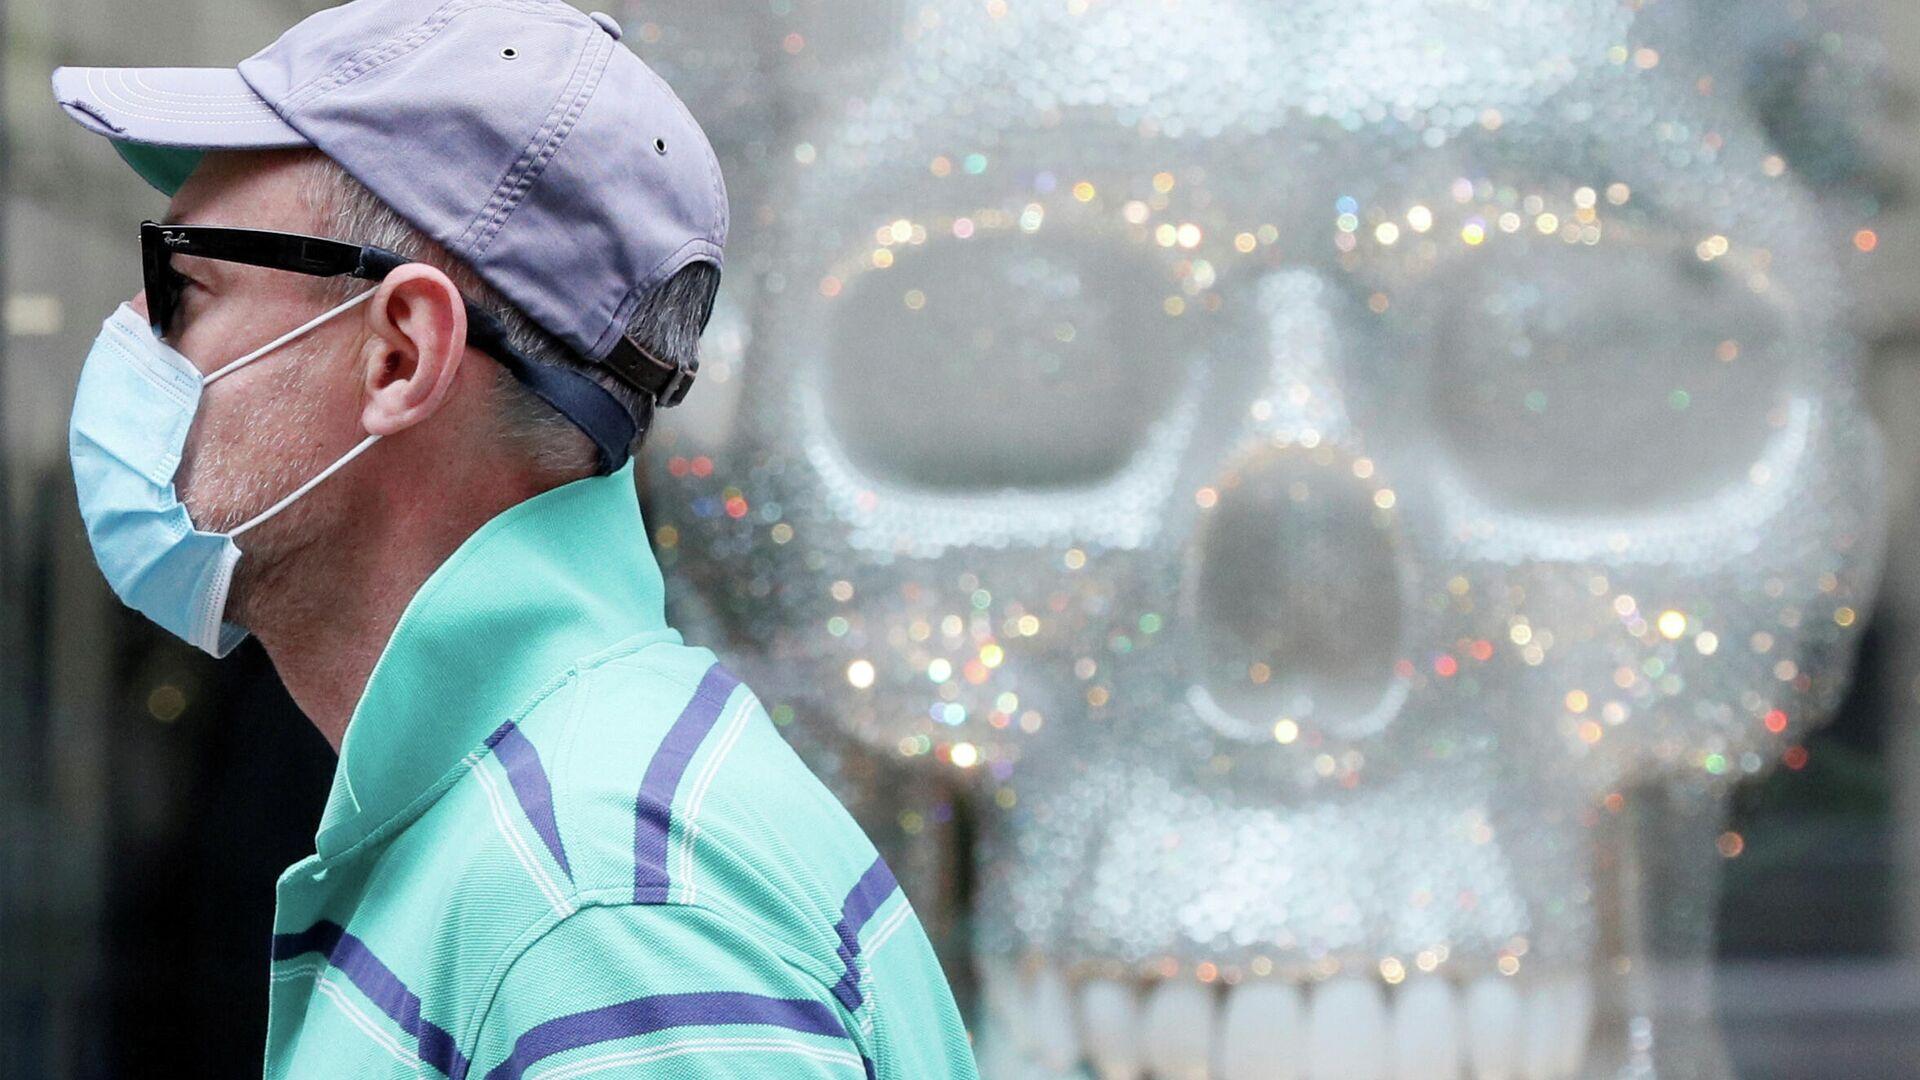 Мужчина в защитной маске проходит мимо витрины магазина в Киеве  - РИА Новости, 1920, 21.08.2020